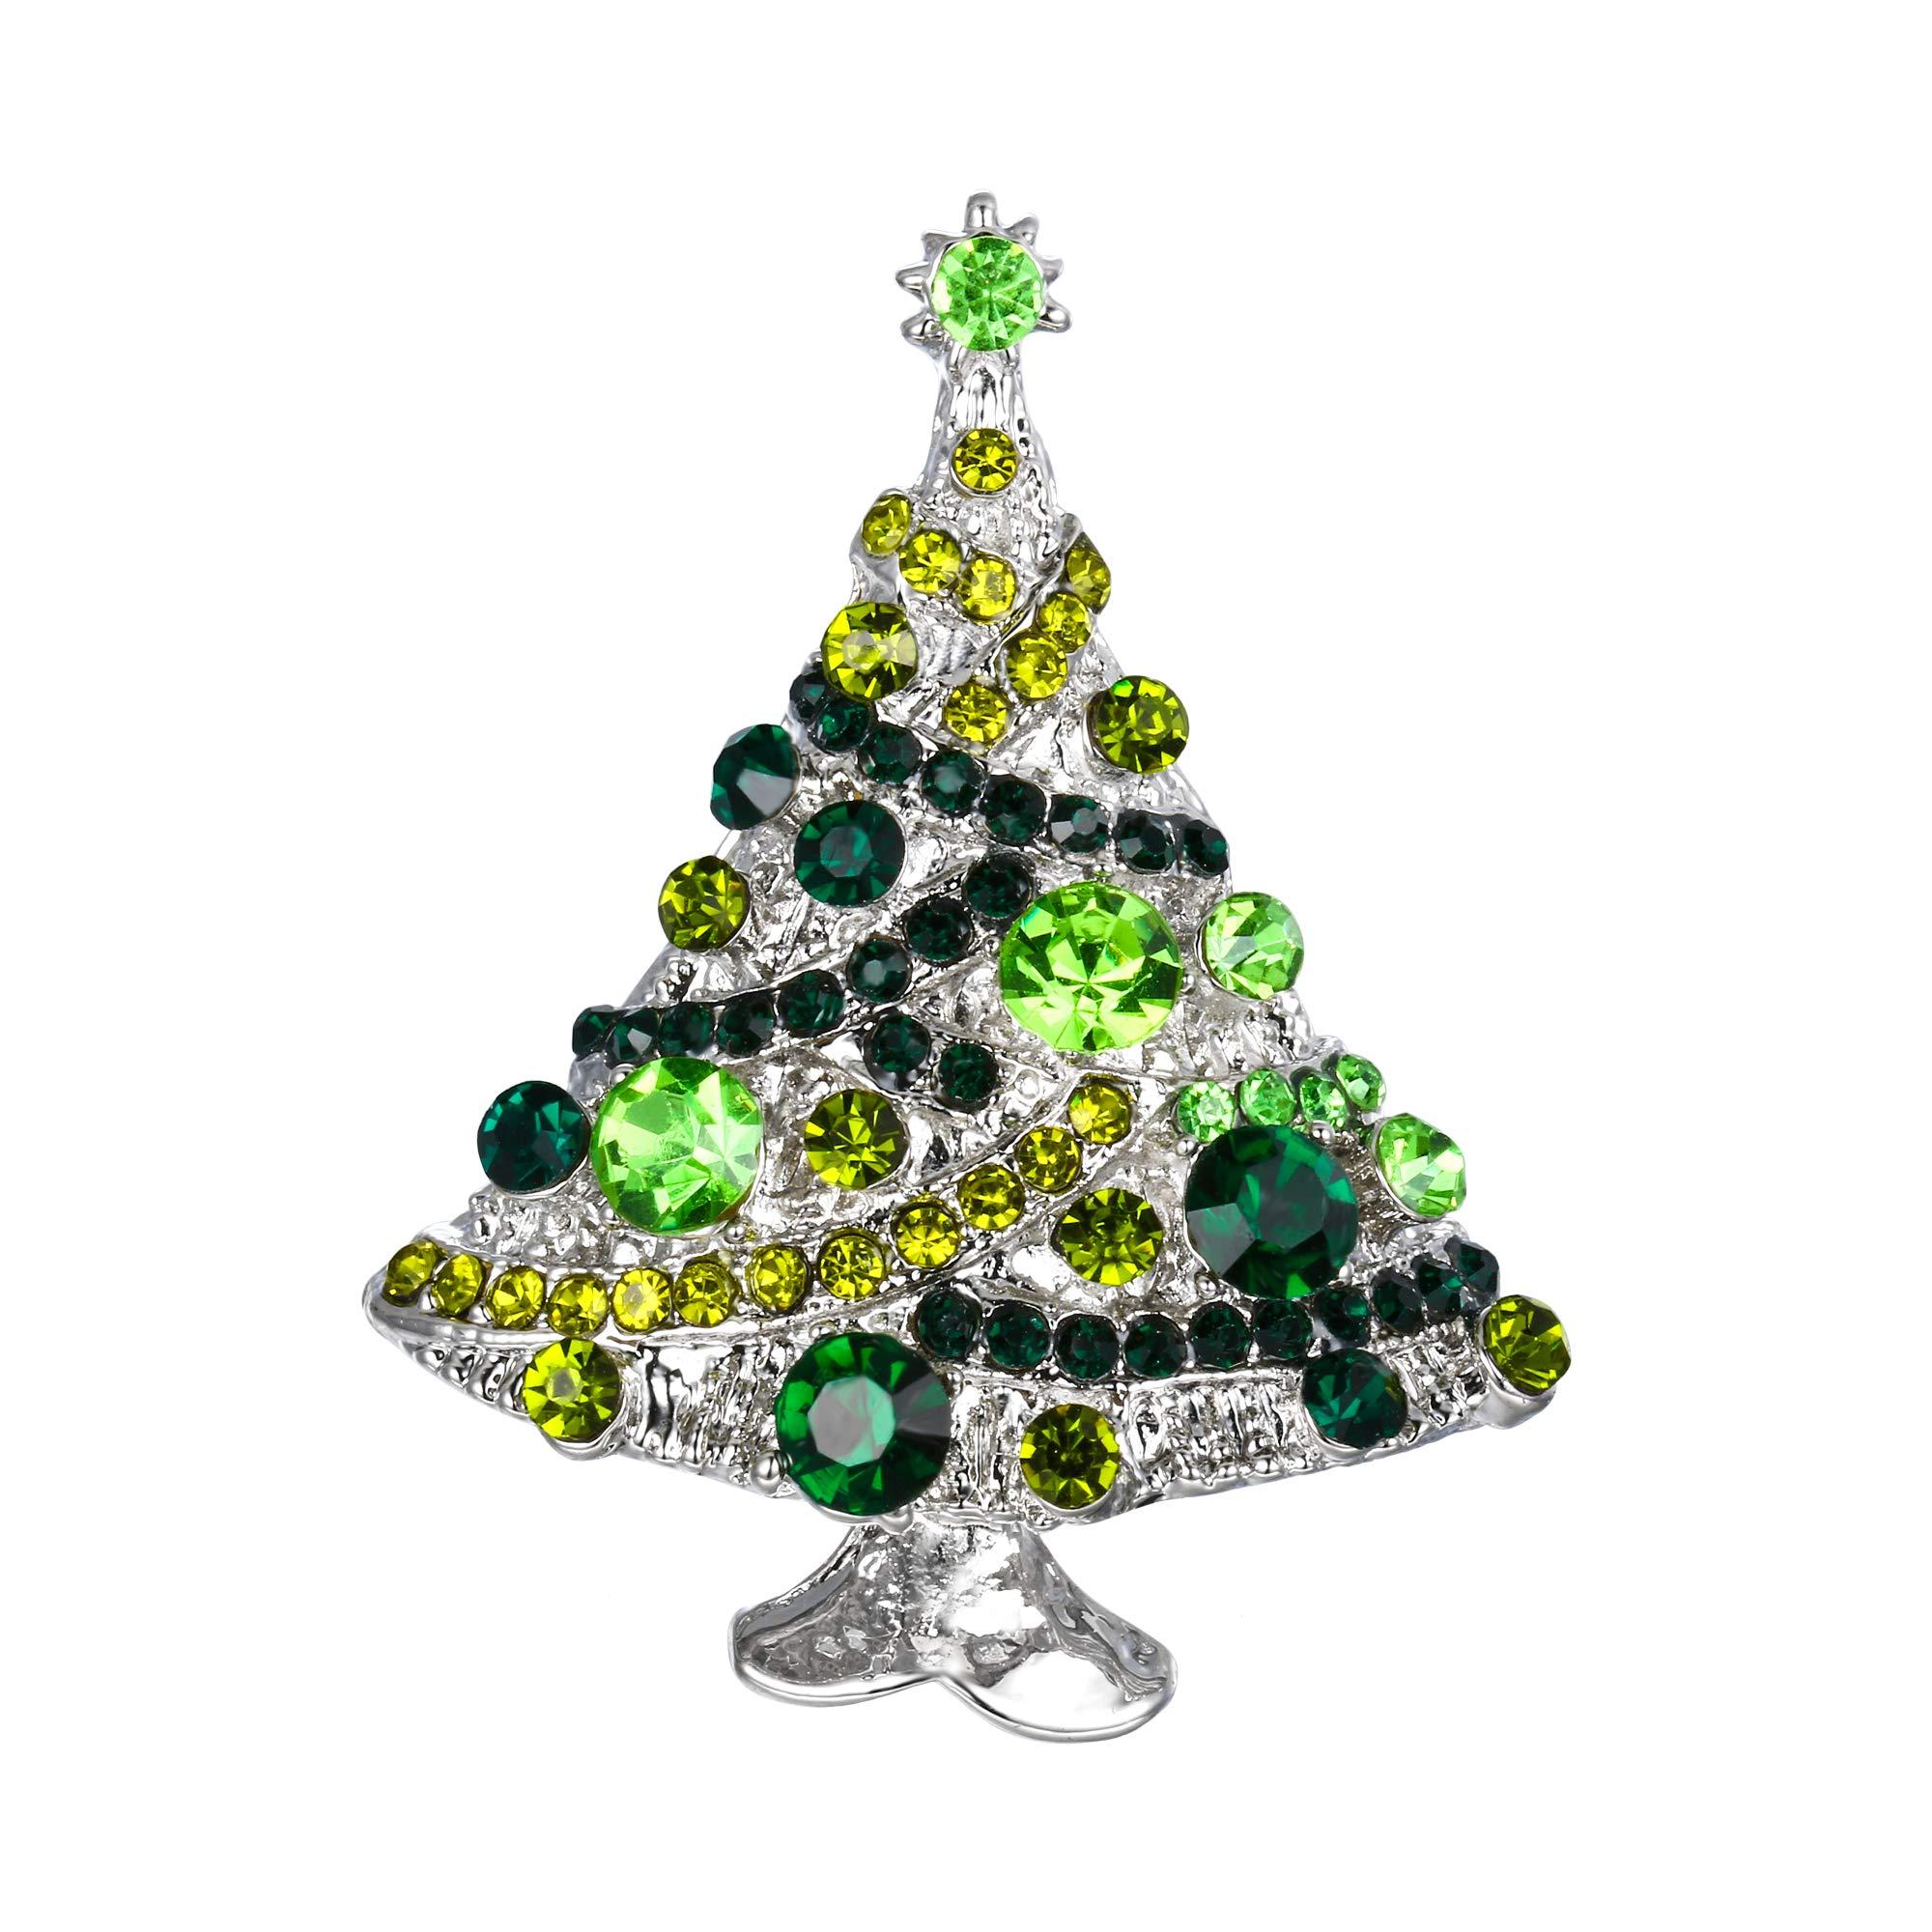 EVER FAITH Streamer Star Christmas Tree Brooch Pin Austrian Crystal